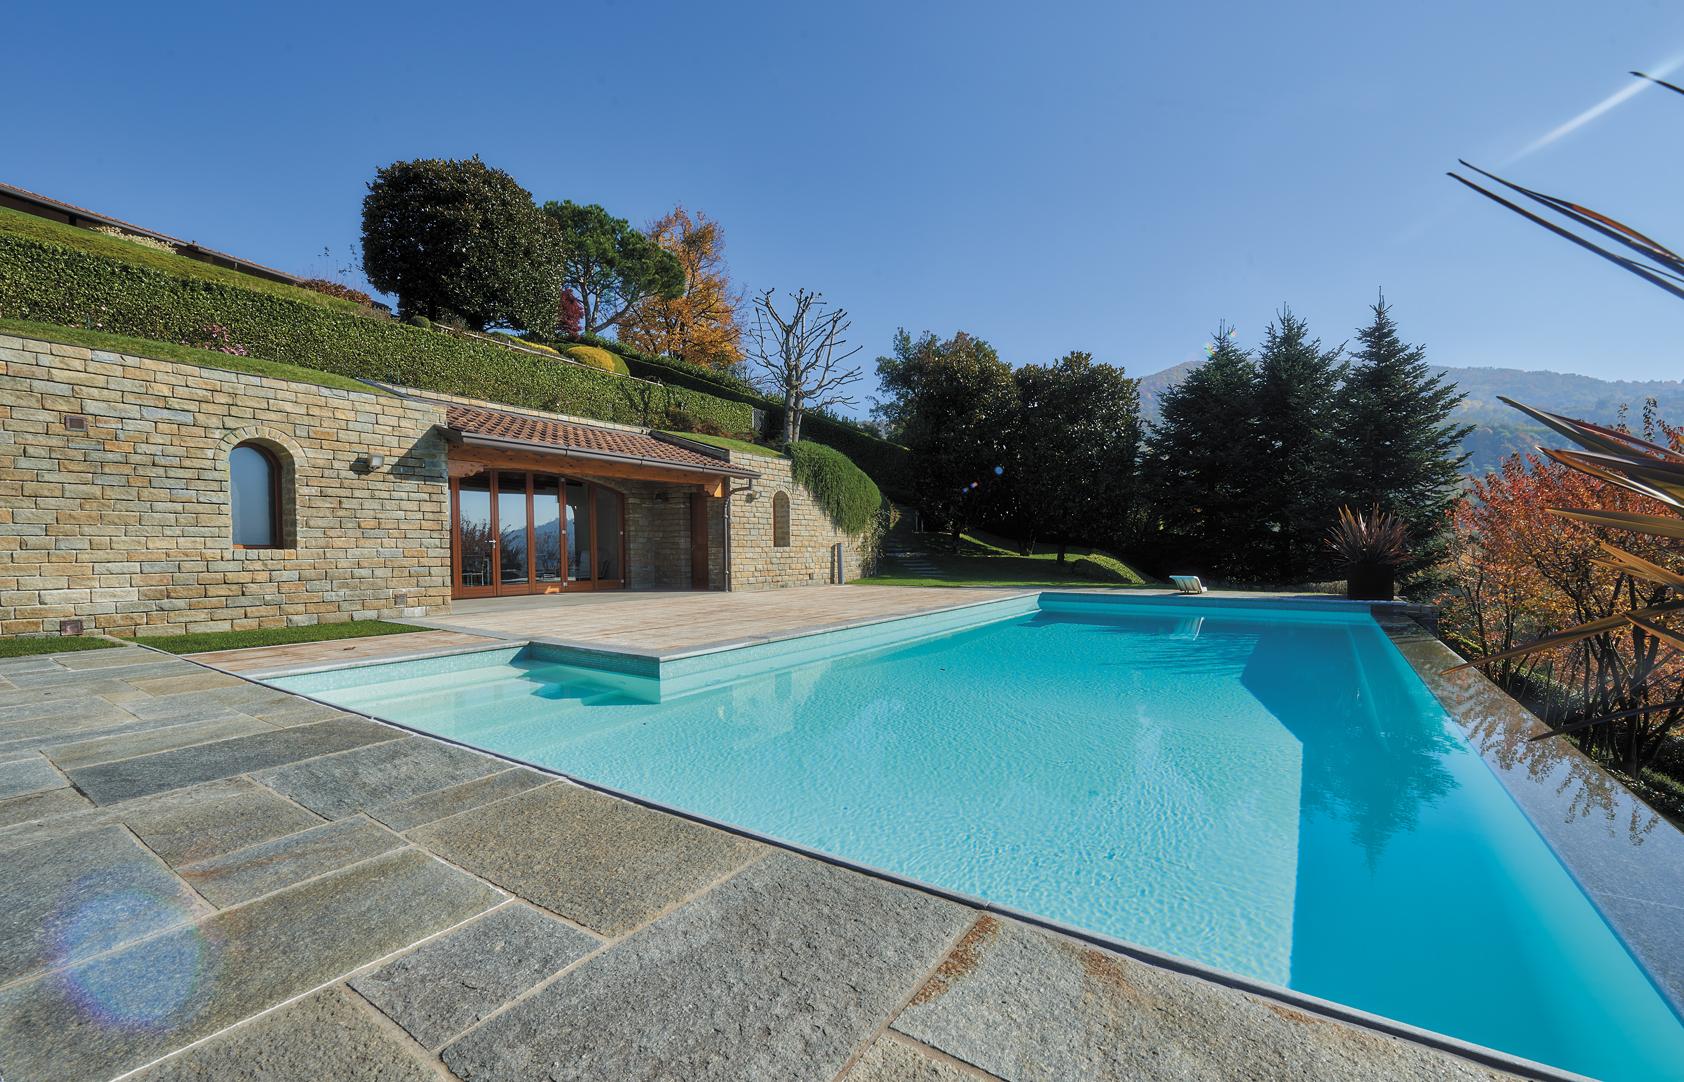 villa-S-rossa-piscina-4